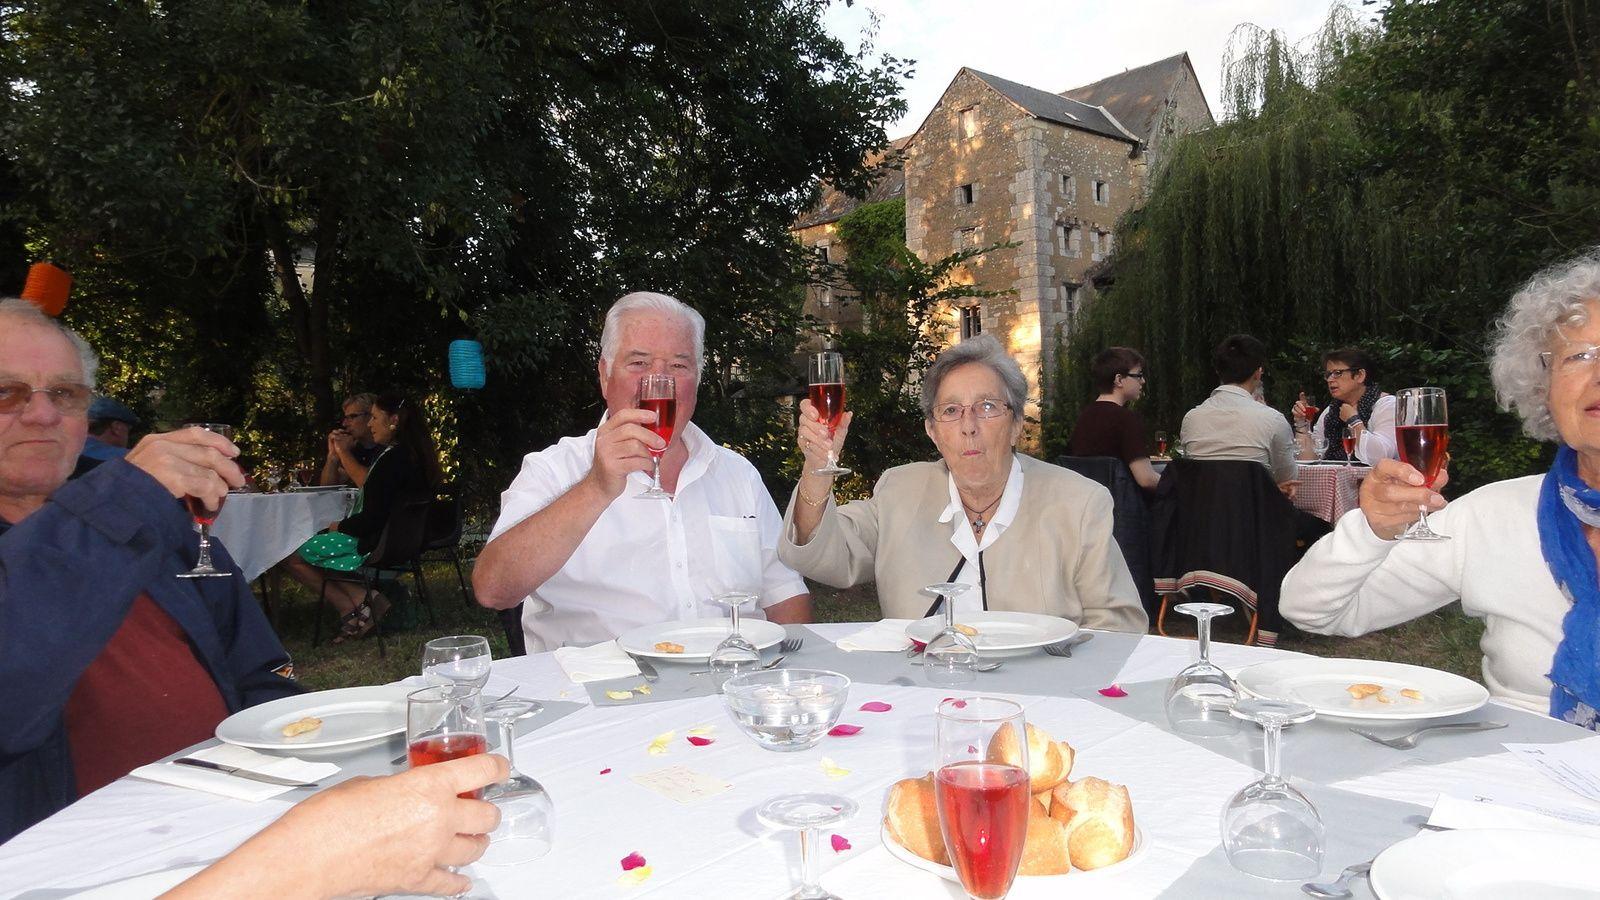 Notre dîner Italien aux chandelles et aux lampions à VAAS, le 15 Août.